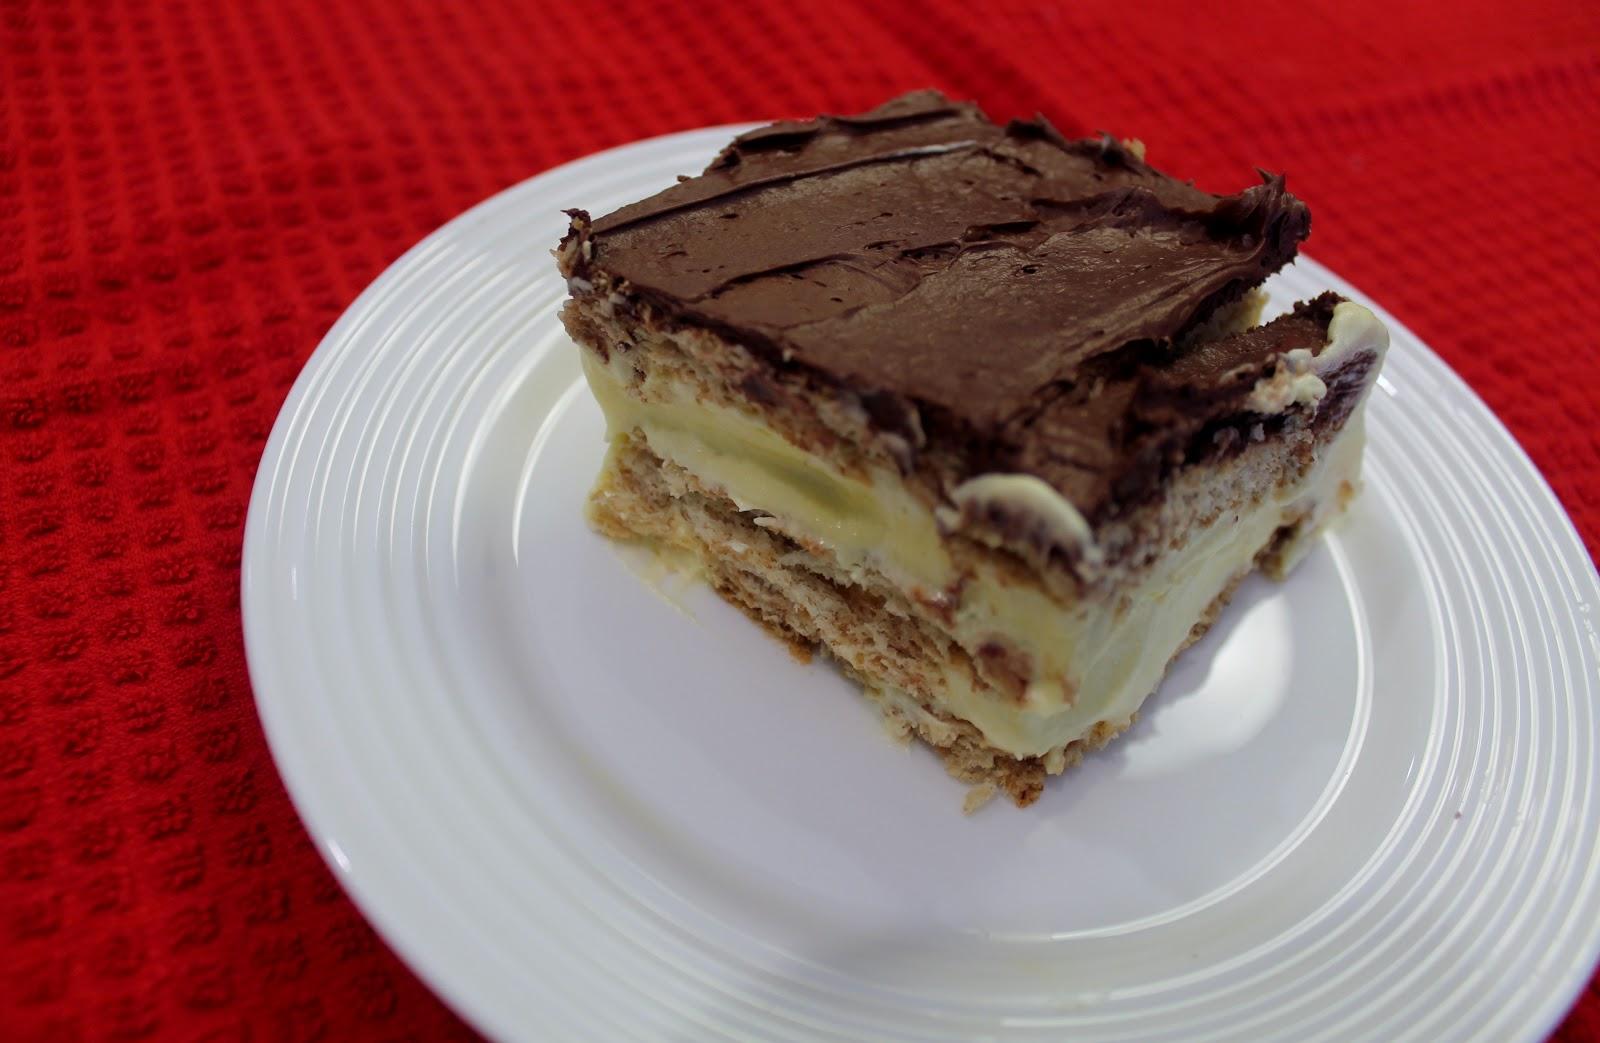 Key Ingredients: Chocolate Eclair Cake